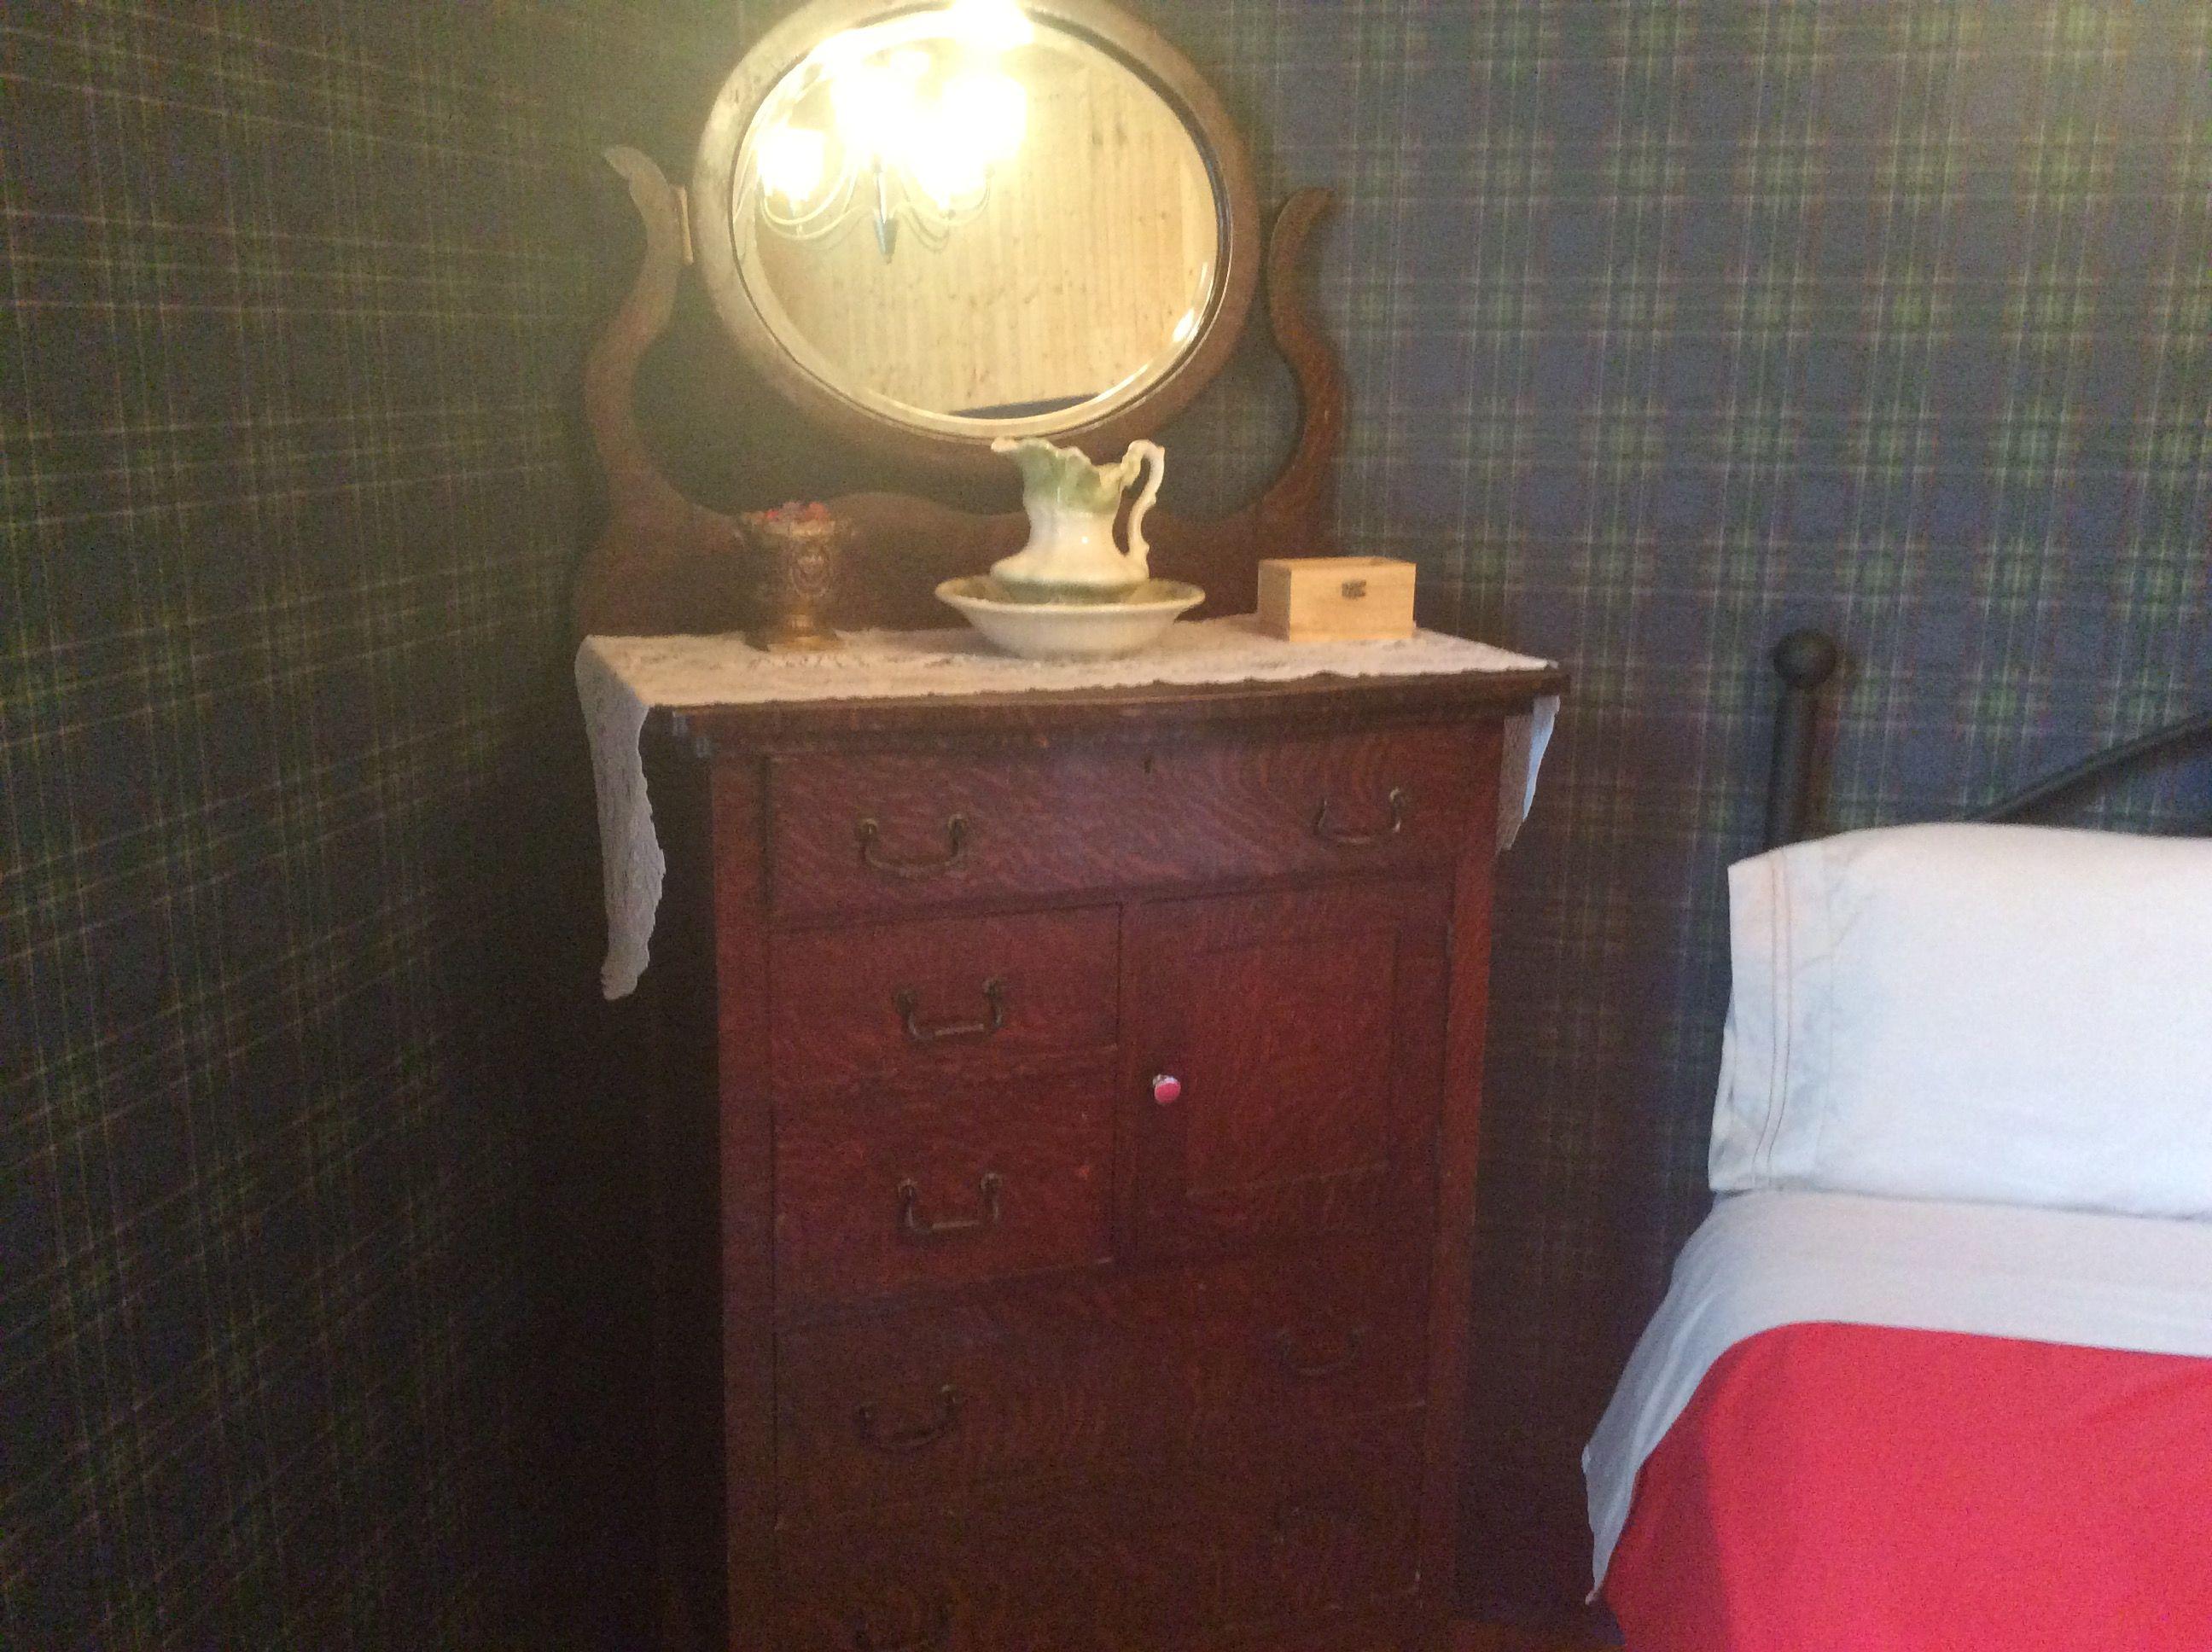 Meuble acheté en 1920 par mon père Adrien Bertrand pour son trousseau.  Il s'est marié en 1925 et les parents ont gardé les mêmes meubles au cours de leurs 57 ans de mariage.  Dans la chambre des ancêtres au Couette & Café À la Québécoise 418-529-2013